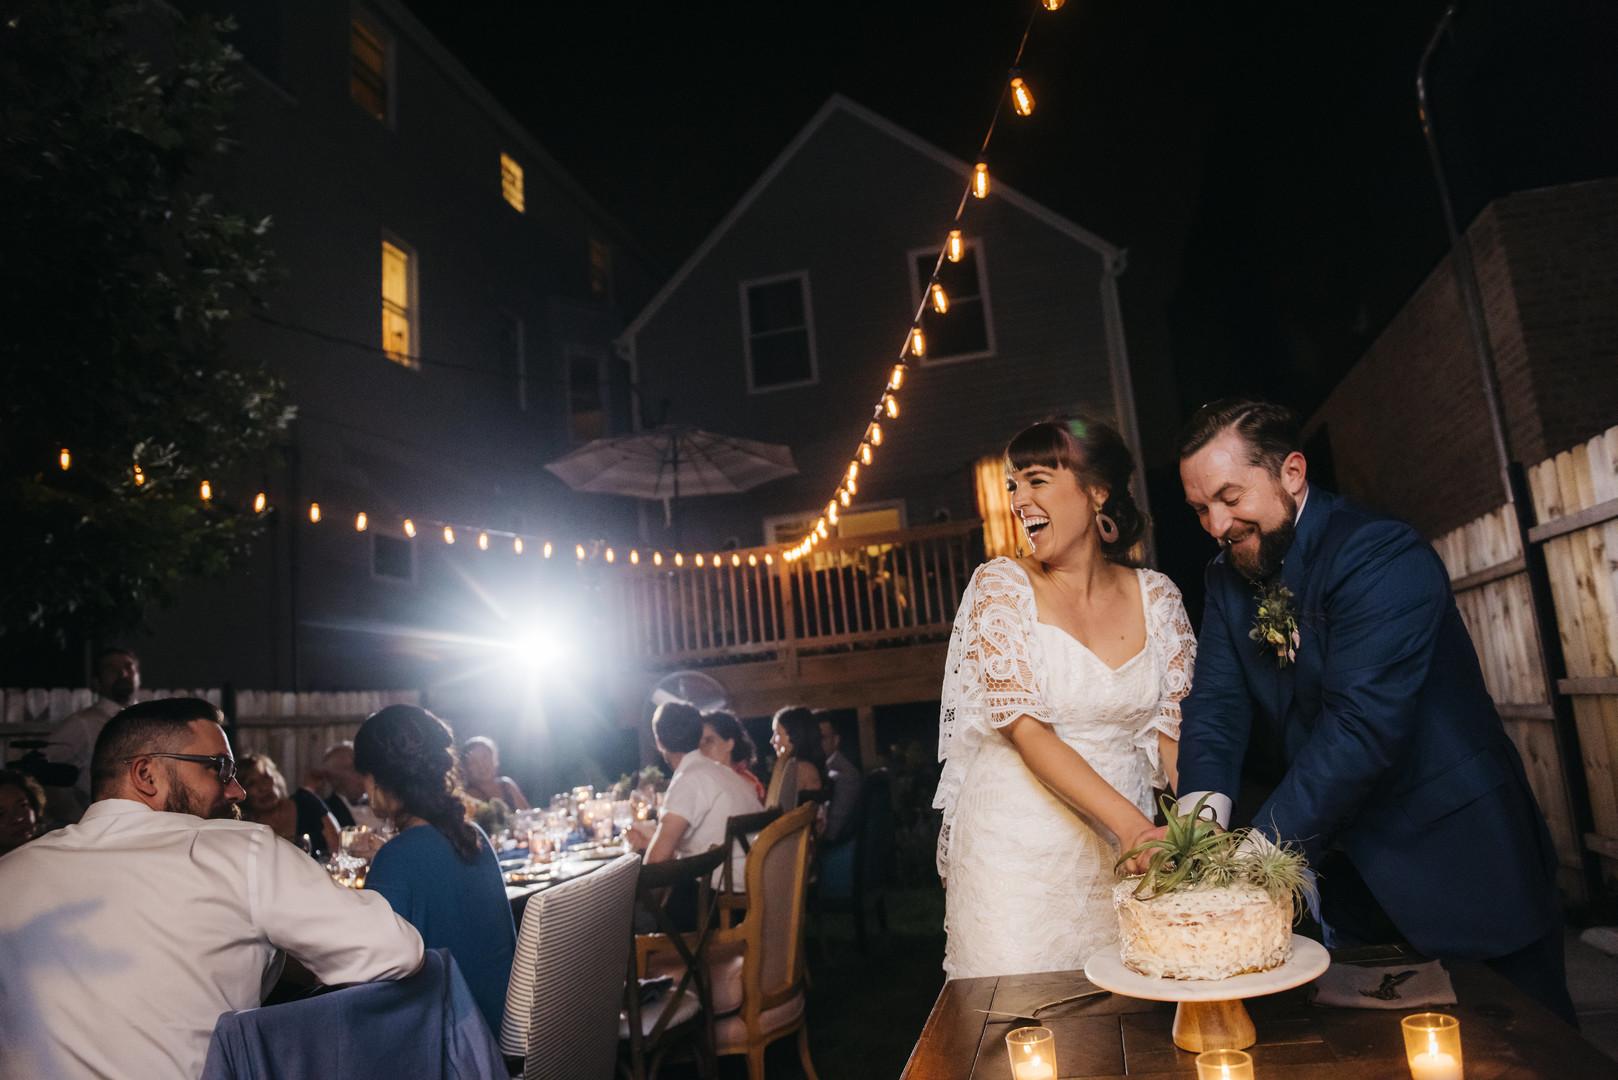 Cake Cutting Intimate Chicago Wedding Erin Hoyt Photography